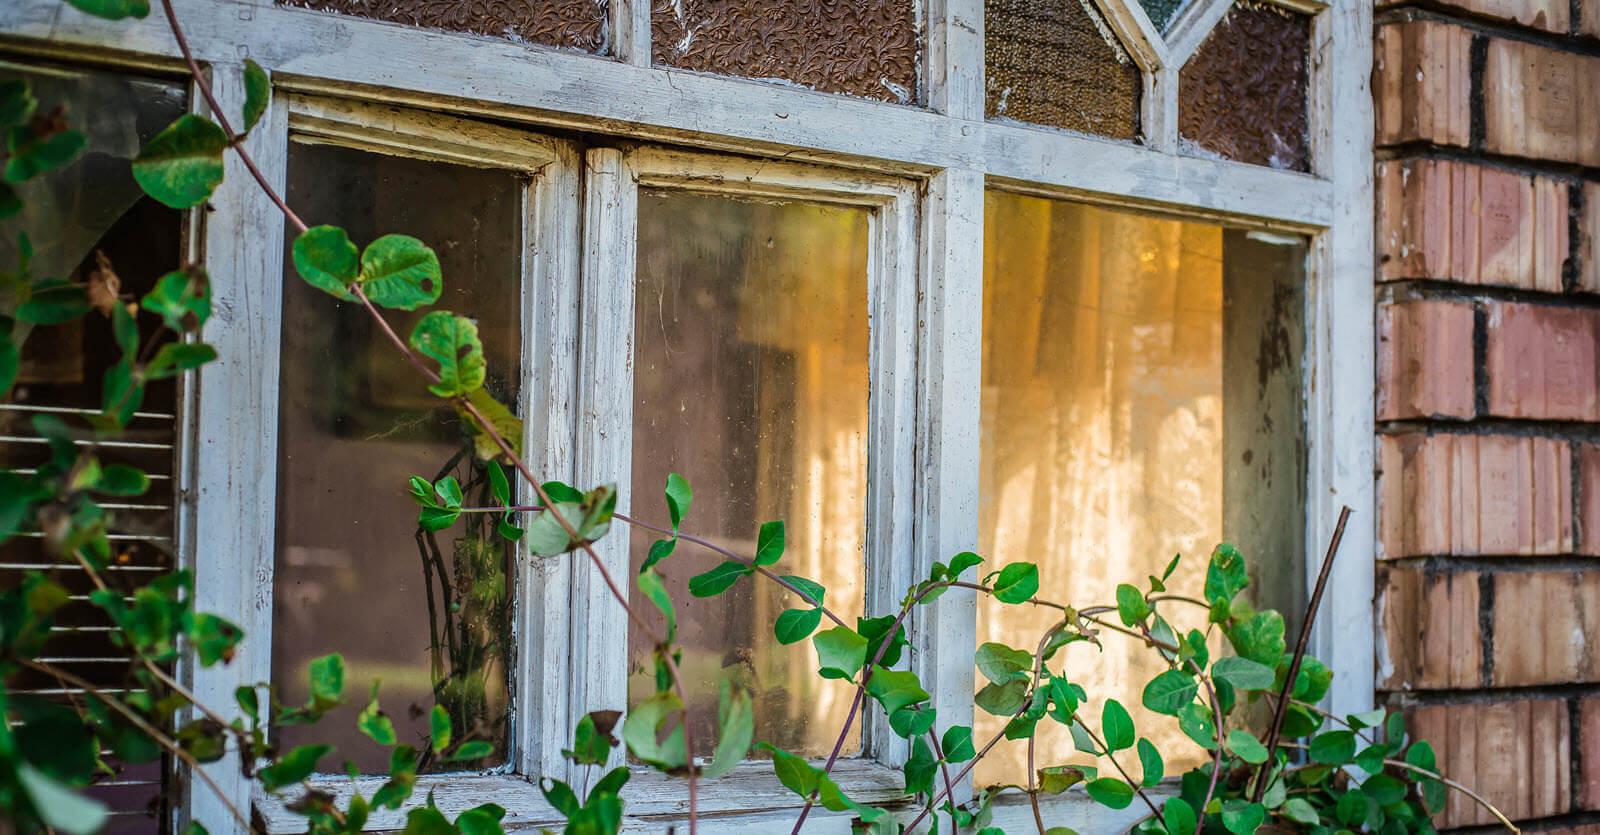 Full Size of 4b Wann Sind Fenster Alt Erneuern Bad Kosten Wohnzimmer Fensterfugen Erneuern